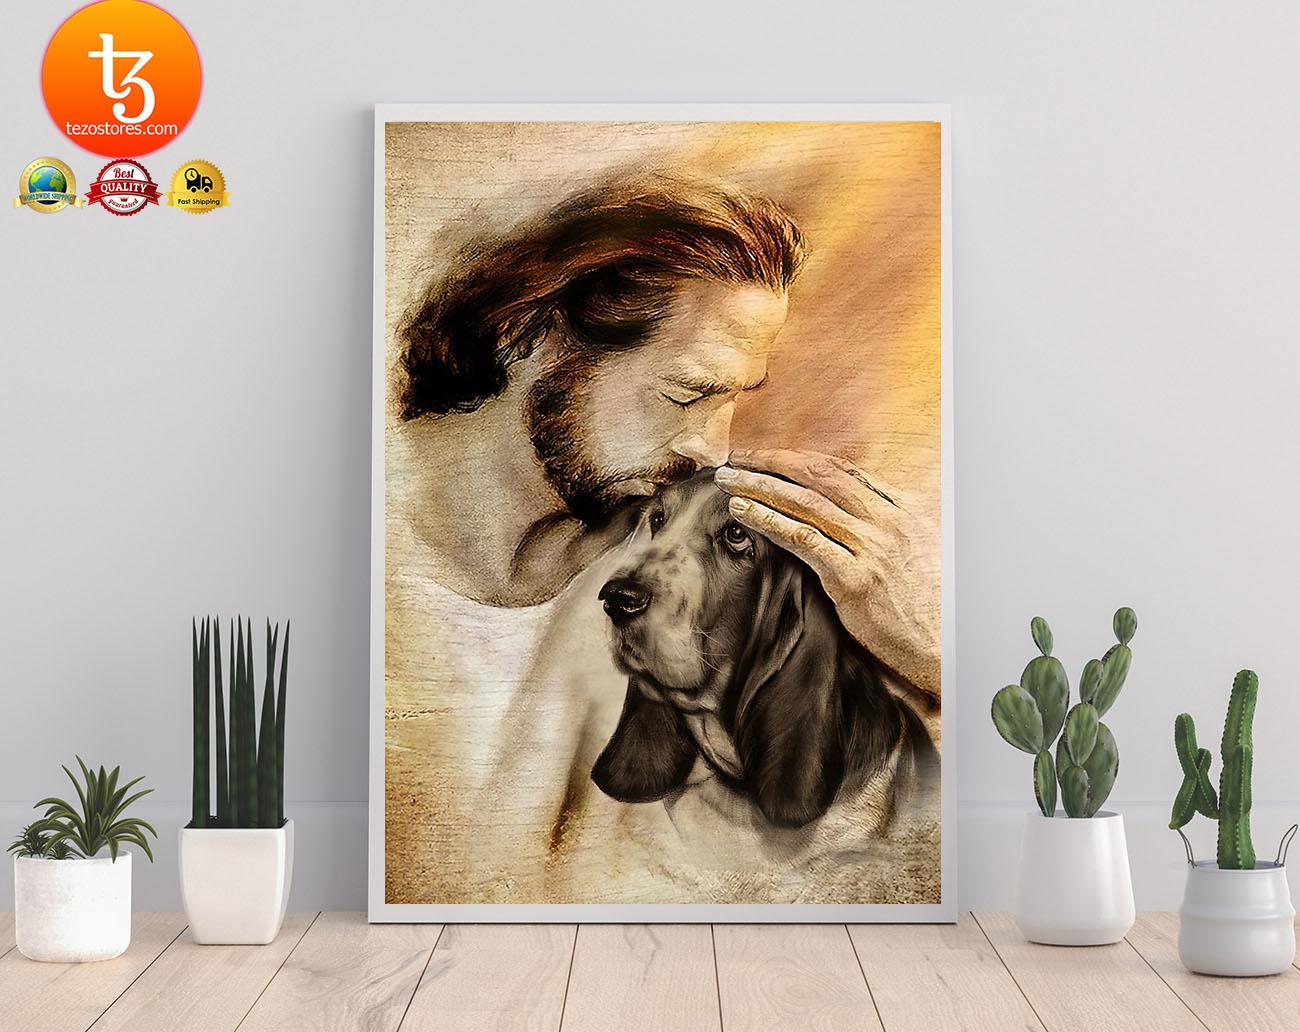 Jesus with Basset hound poster2